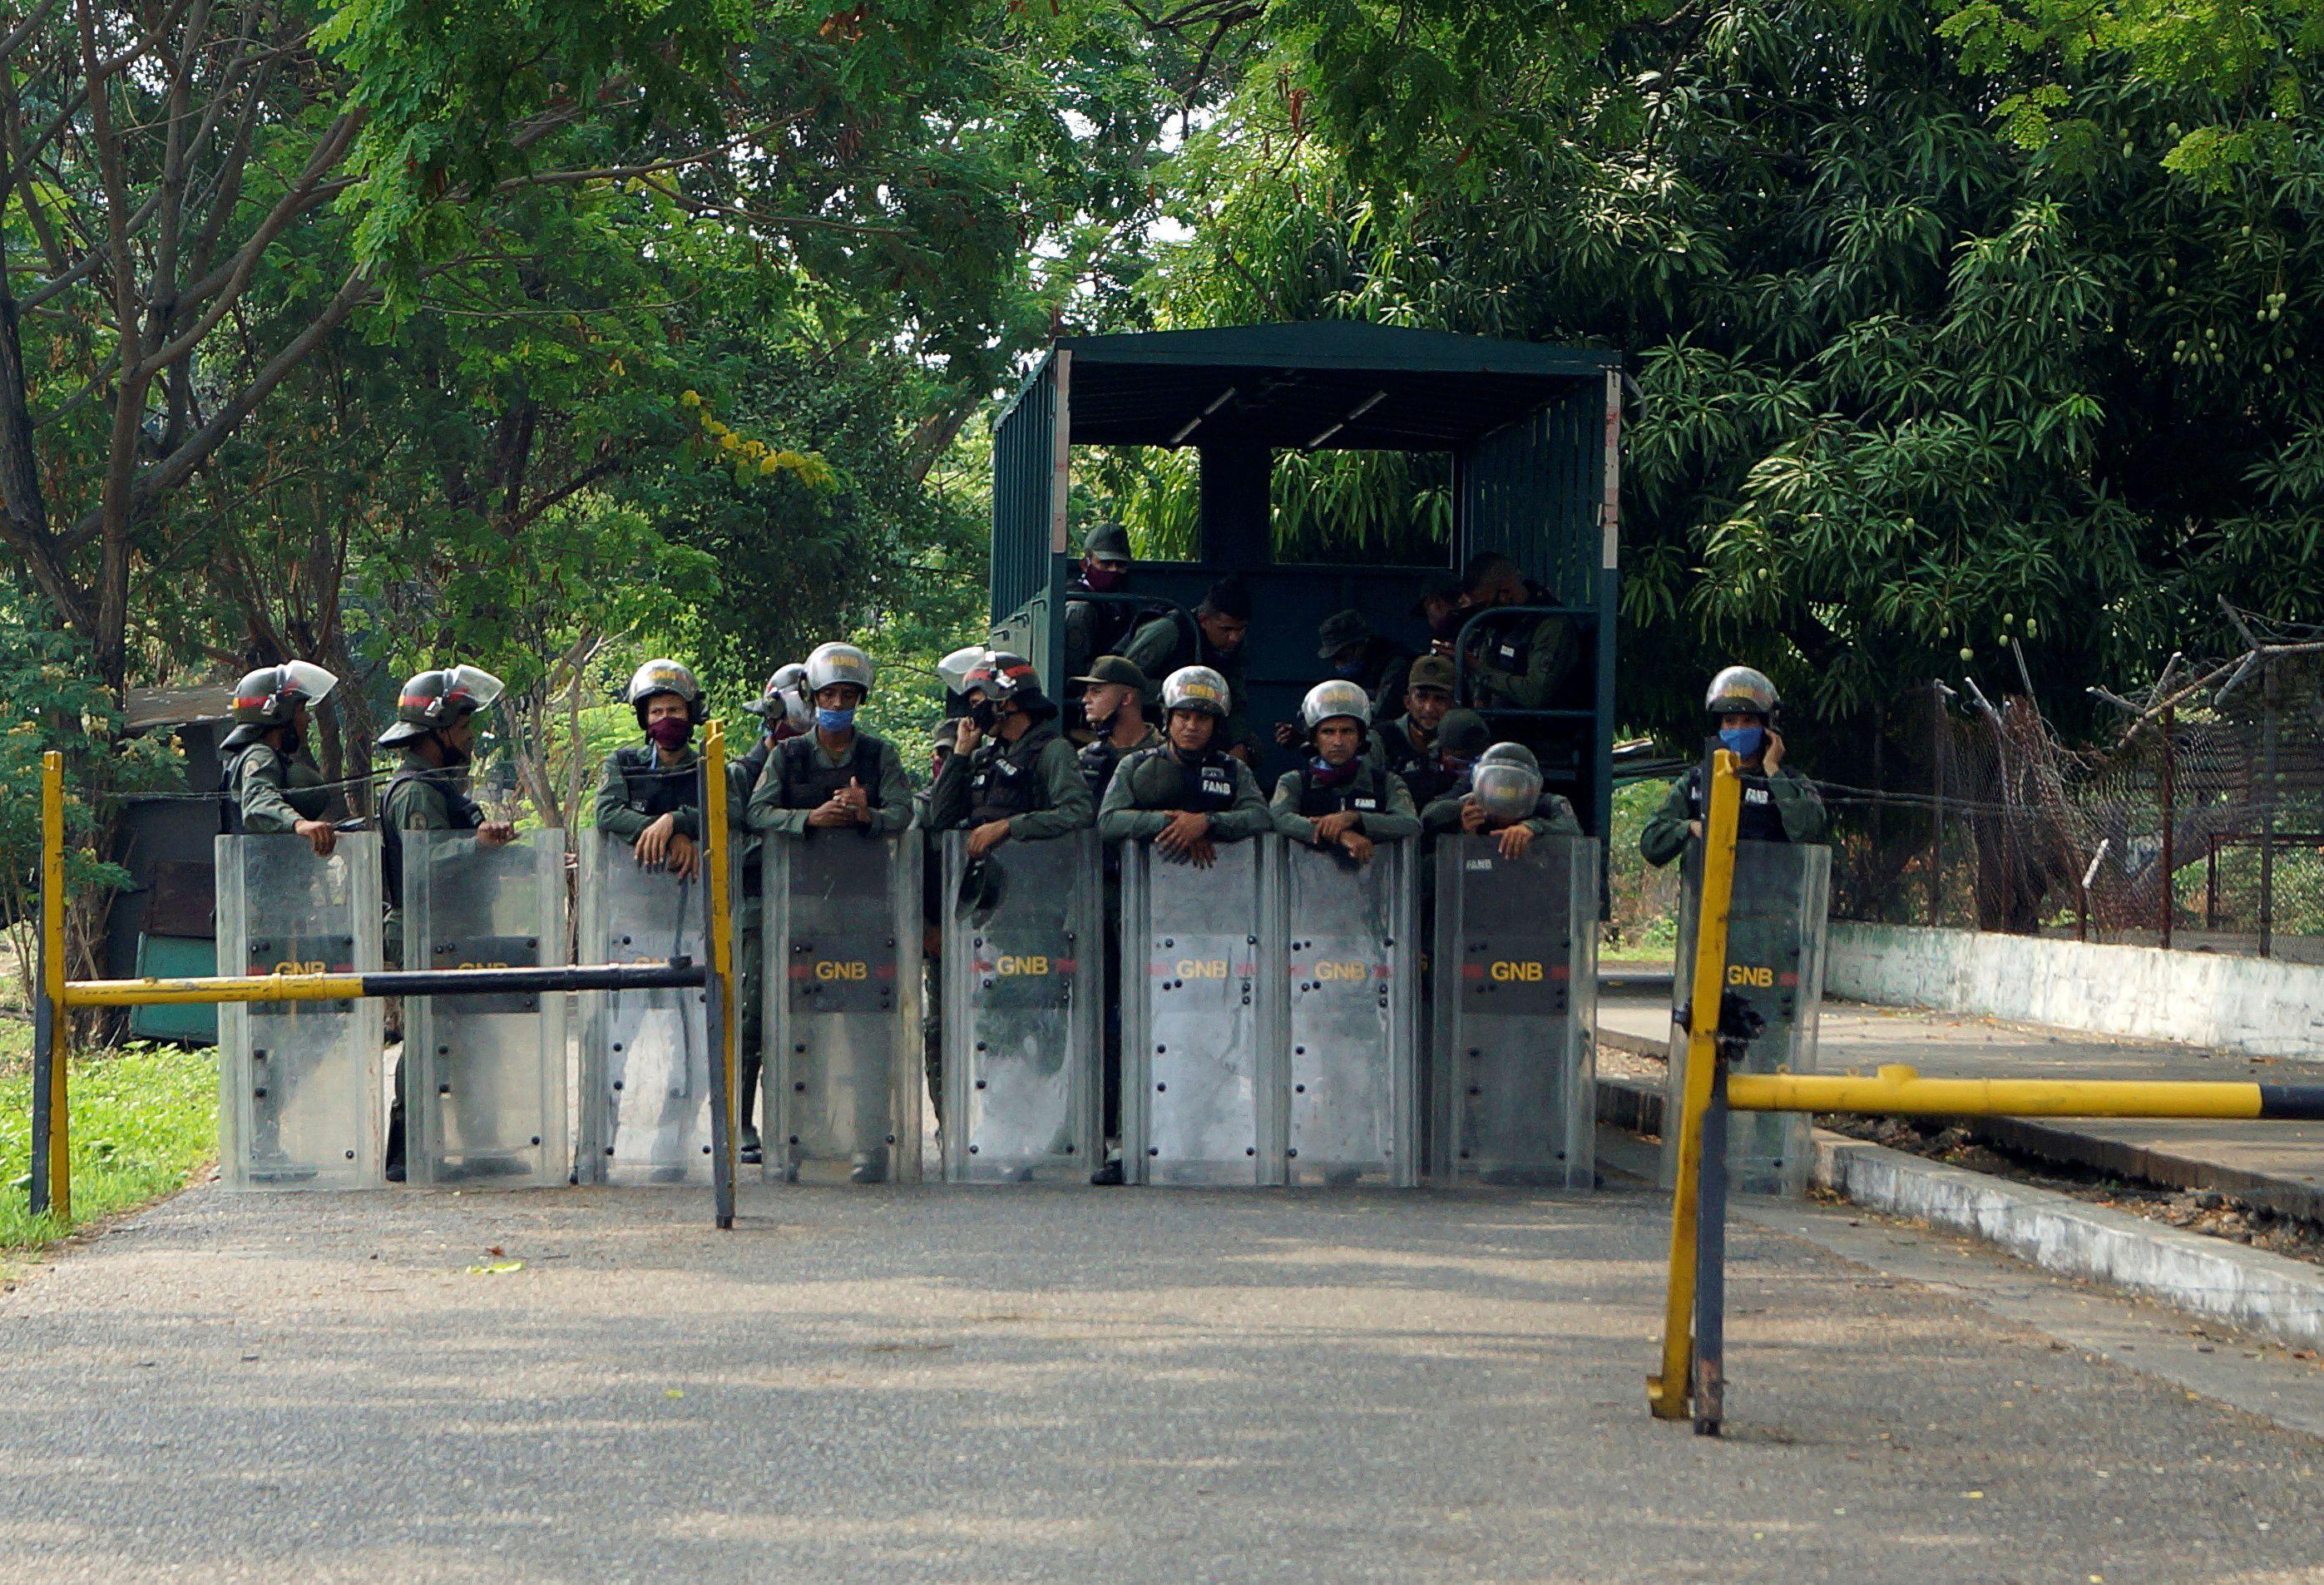 Miembros de la Guardia Nacional Bolivariana custodian el ingreso del penal de Los Llanos, donde se produjo la masacre